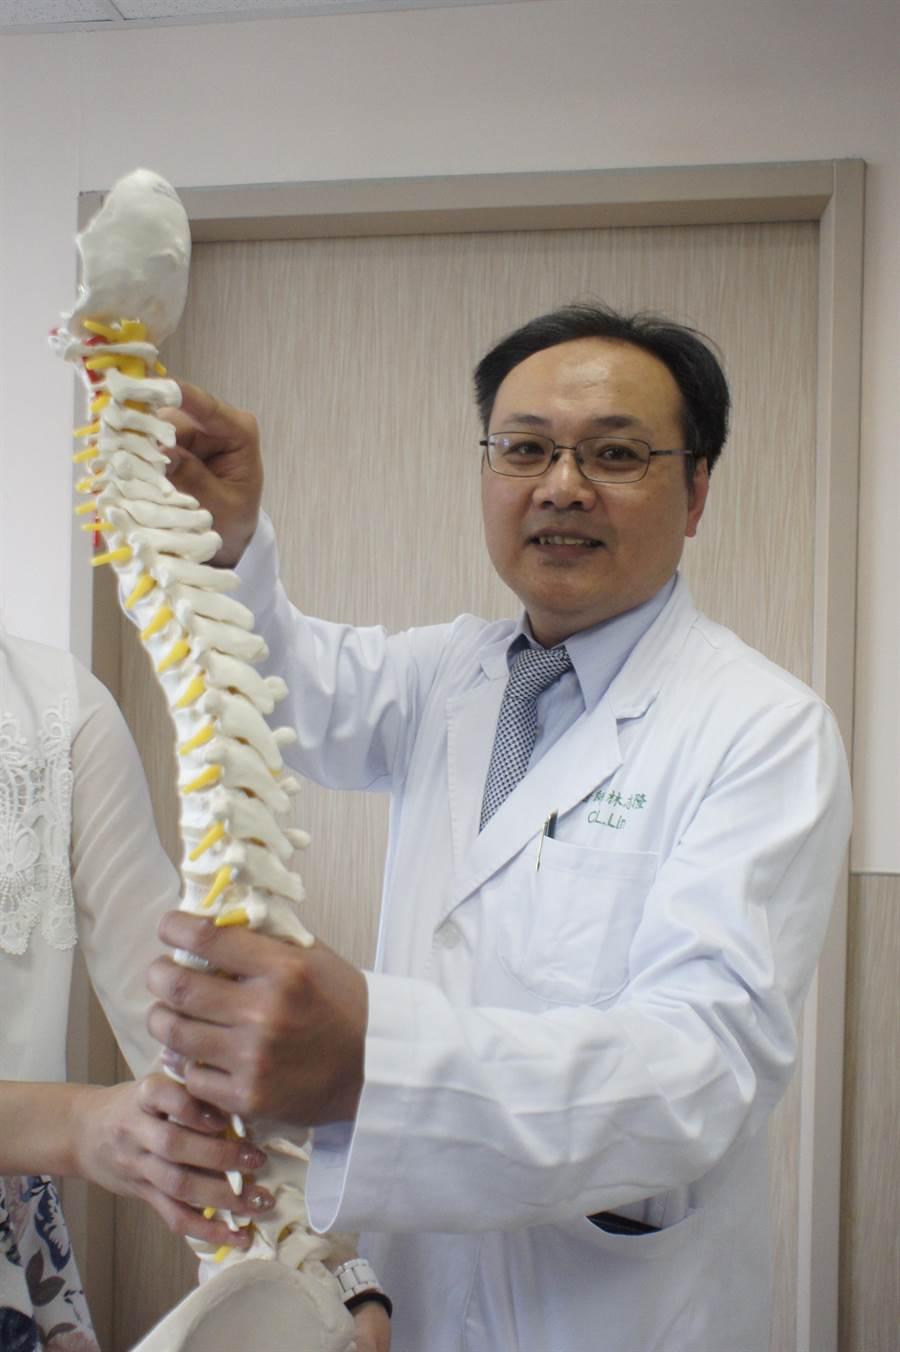 亞大醫院神經外科主任林志隆指出方老師受傷的位置。(馮惠宜攝)